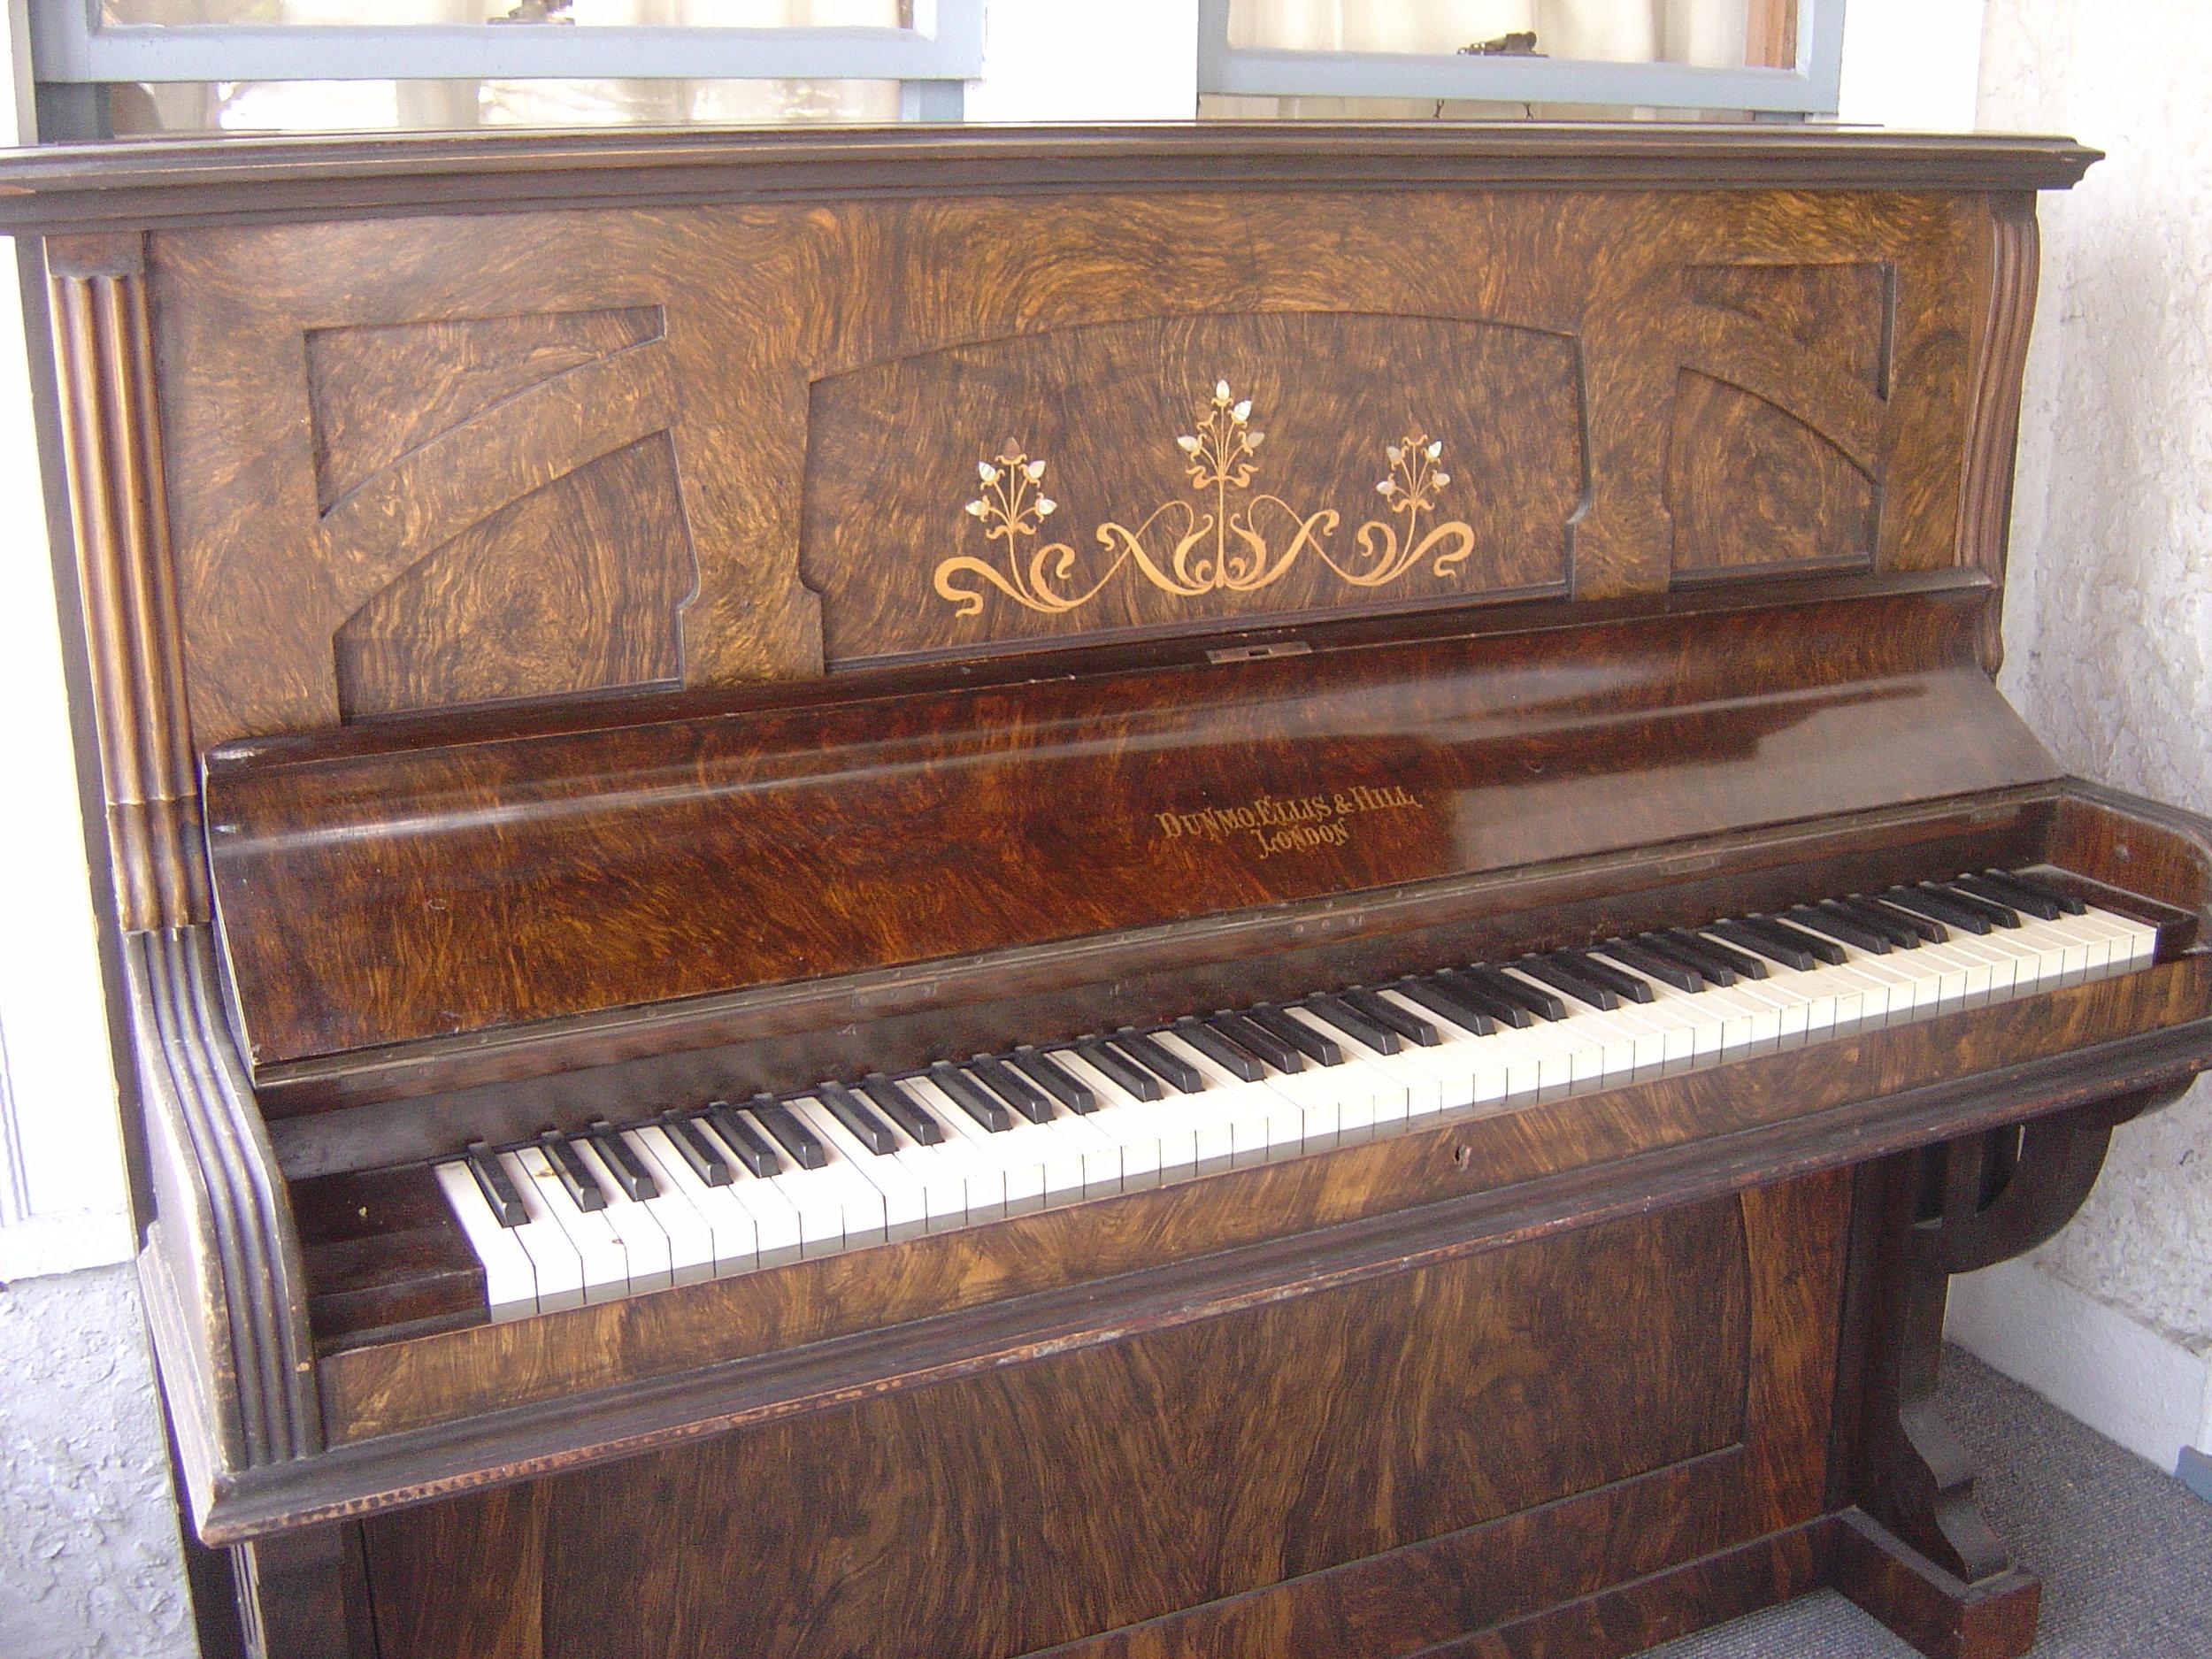 piano 017 (2).jpg